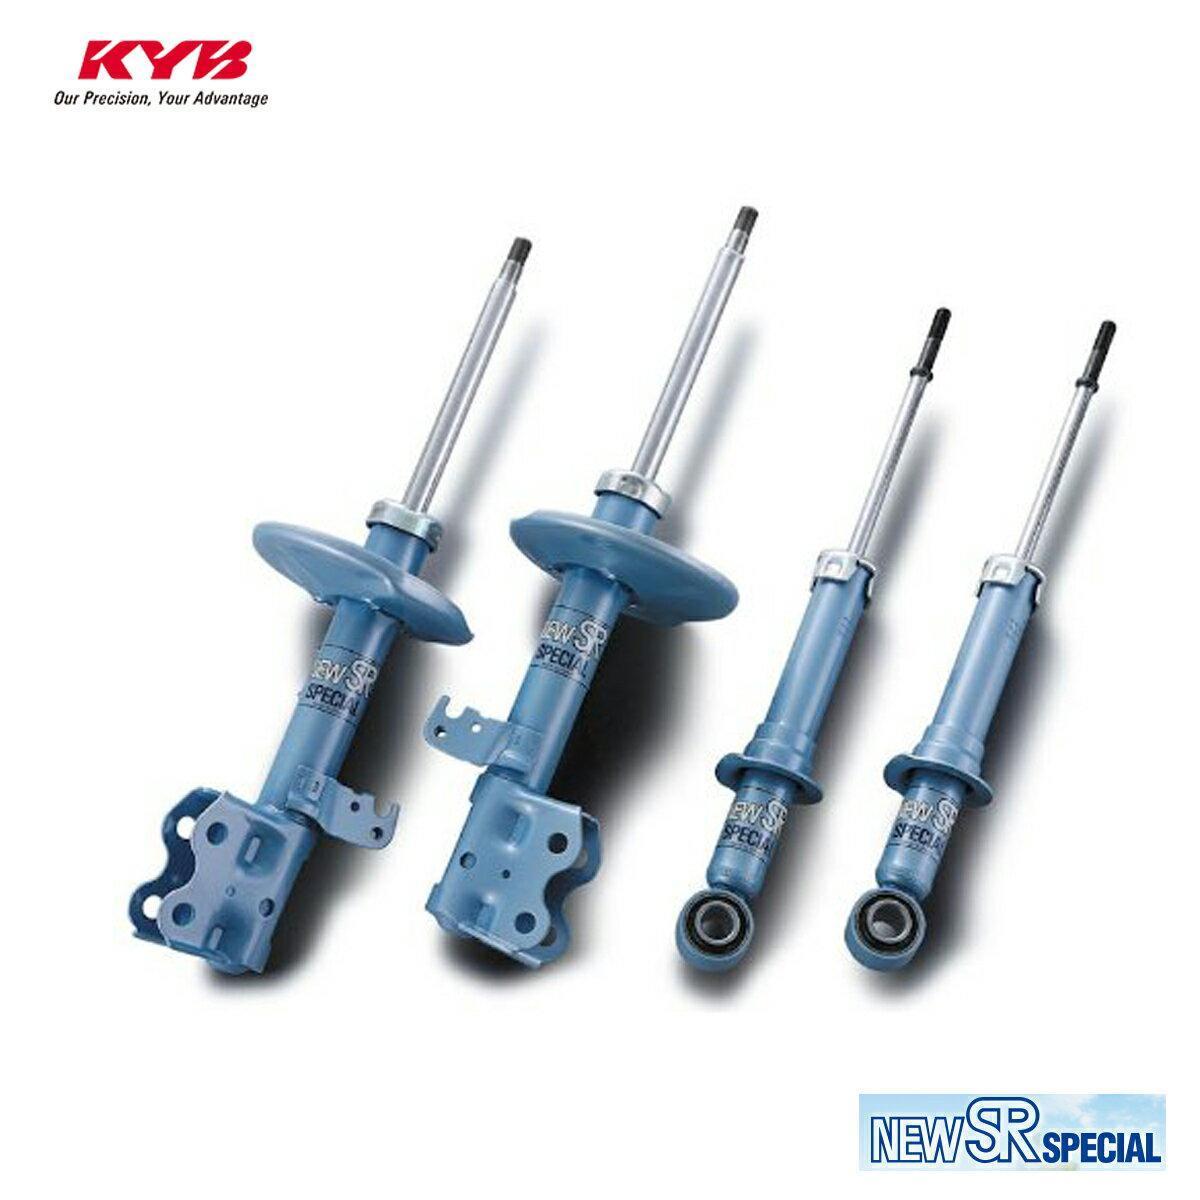 KYB カヤバ カペラ GVER ショックアブソーバー リア 右用 1本 NEW SR SPECIAL NST5081R 配送先条件有り